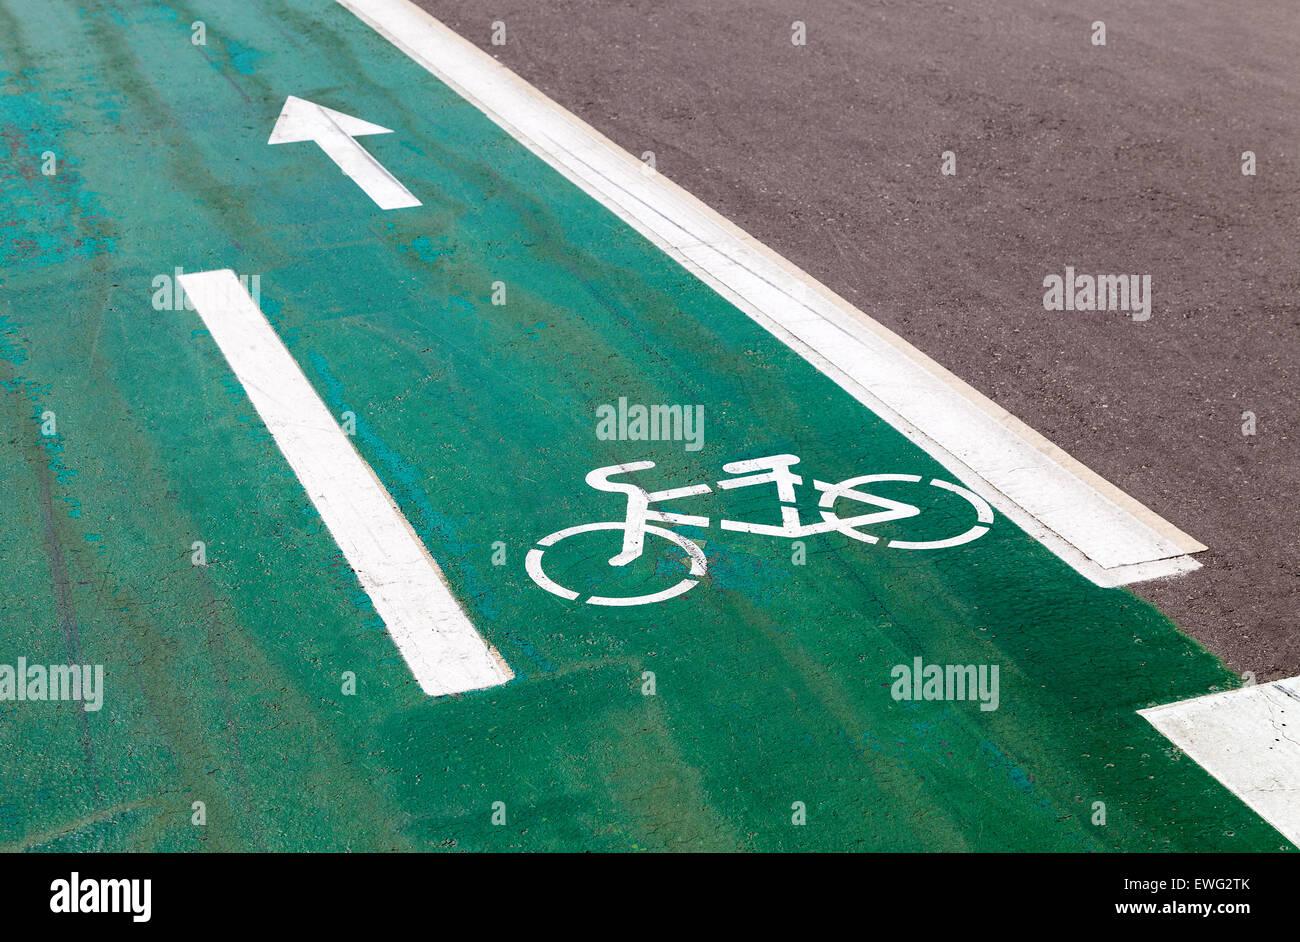 Señal de carretera de bicicletas en el carril bici Imagen De Stock